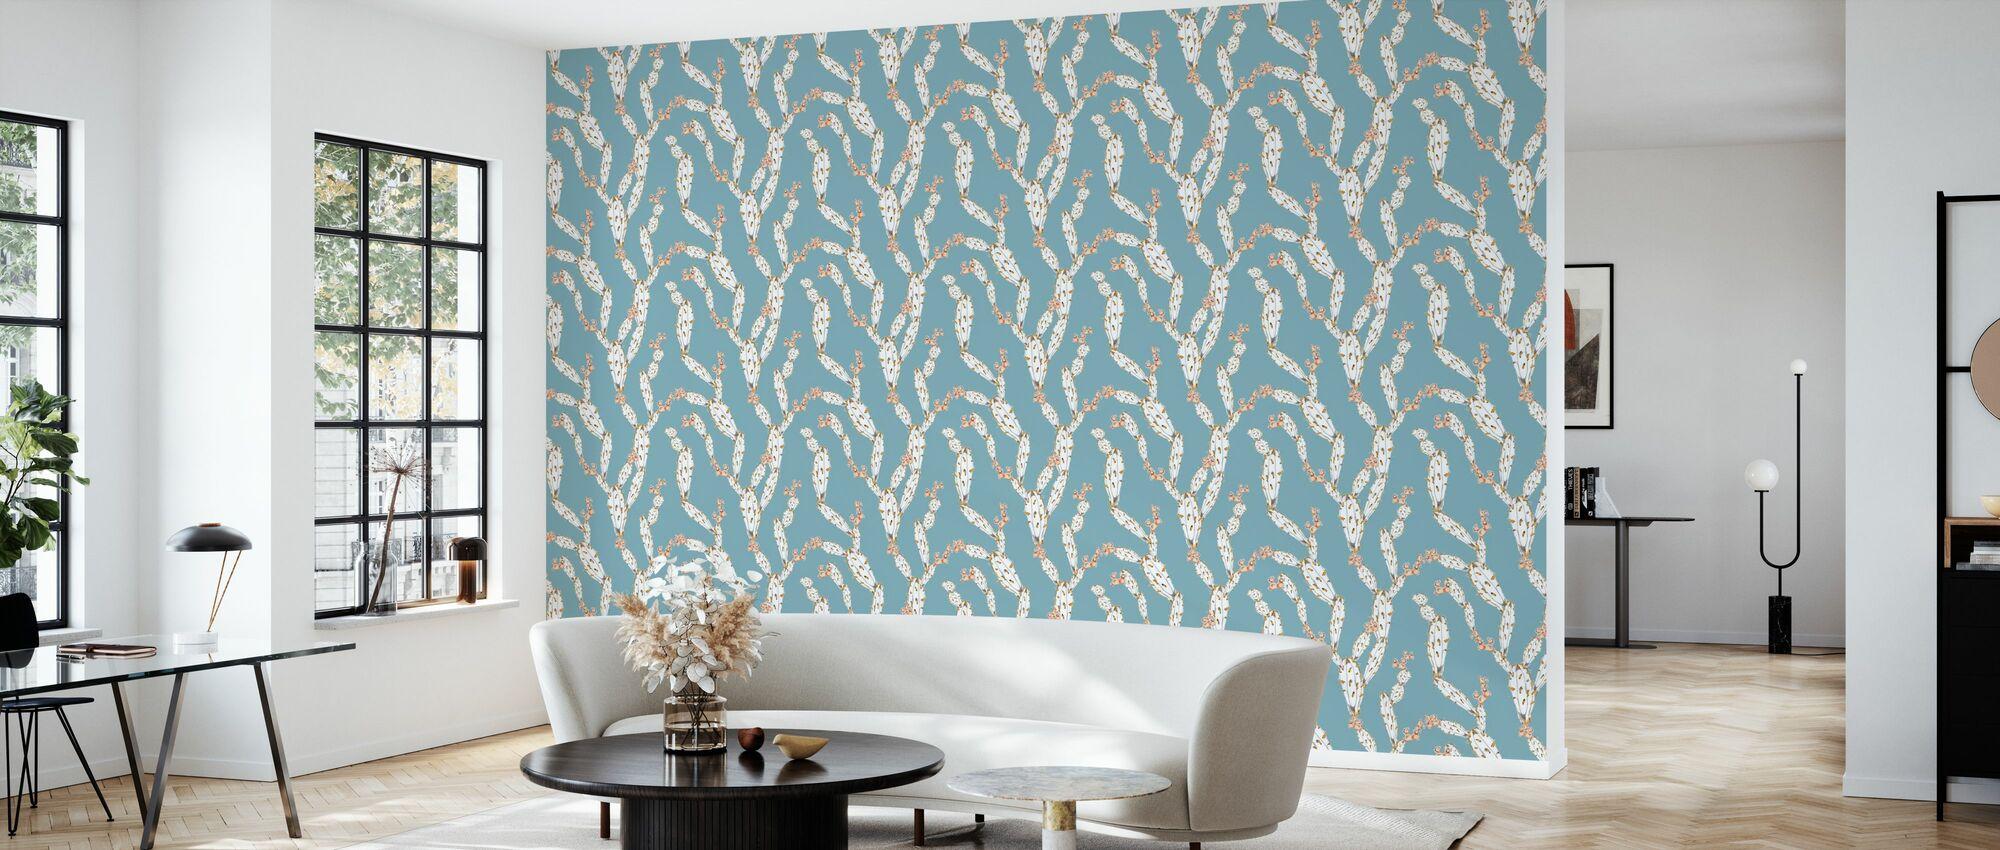 Meist Kaktus Blau - Tapete - Wohnzimmer